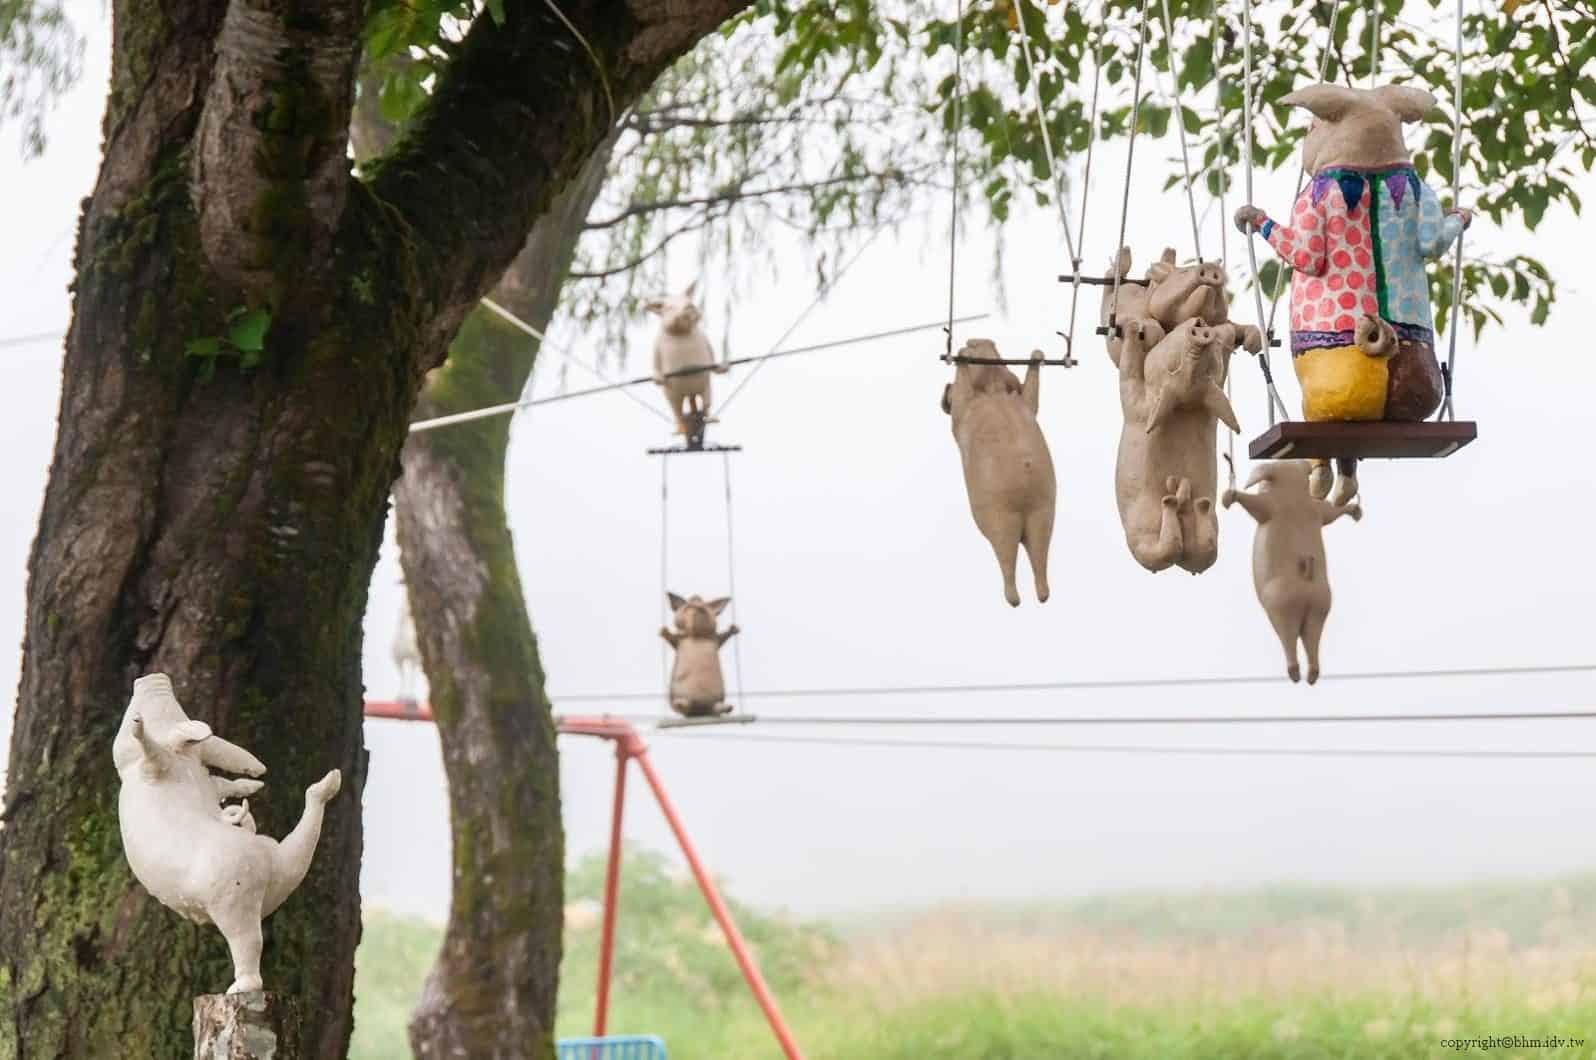 岡山富男,馬戲團@里山藝術動物園,每隻豬的動作與表情各有其風景 里山藝術動物園 里山藝術動物園 satoyama art zoo07 0x0